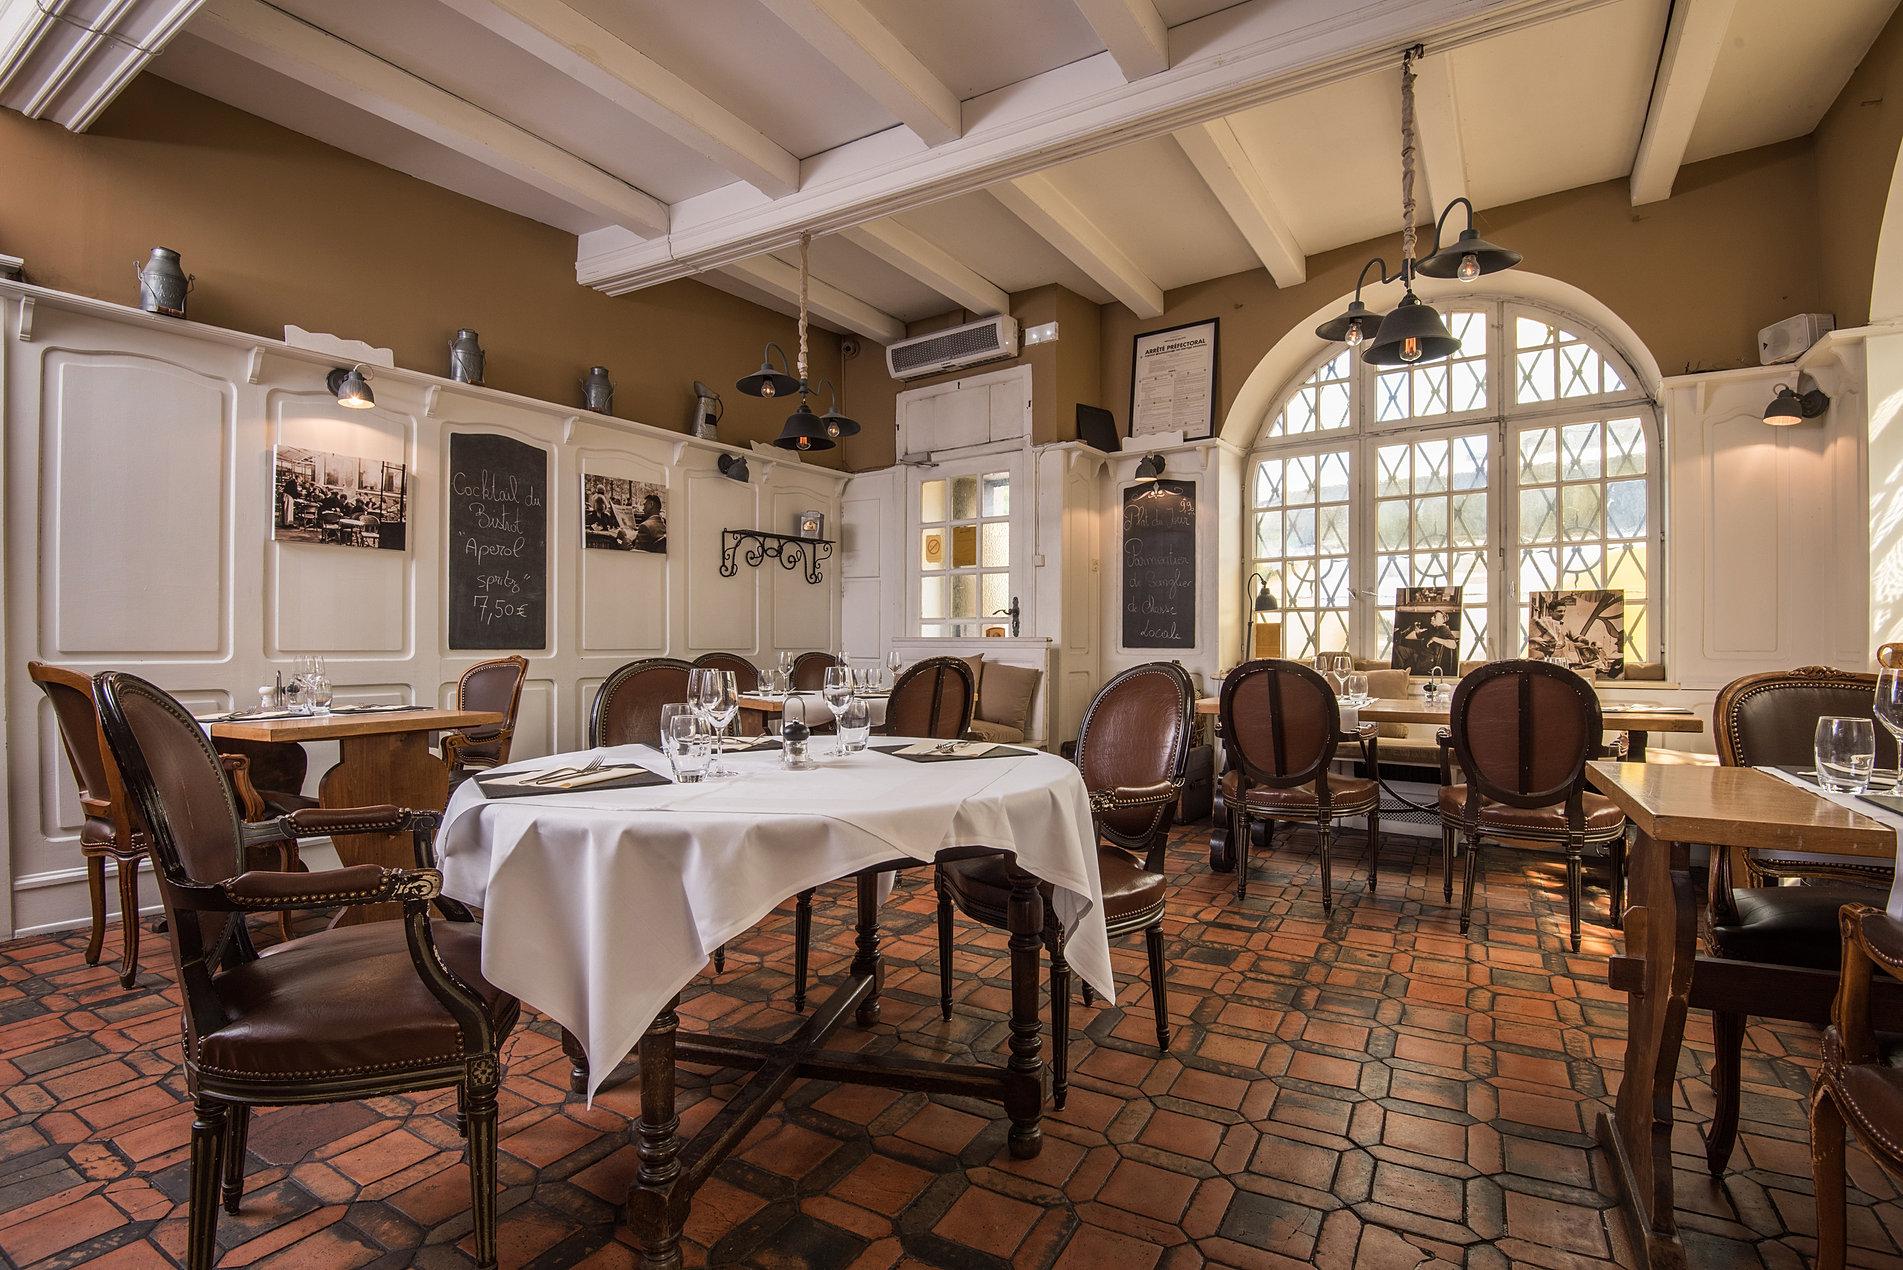 Galerie photos du restaurant le bistrot des copains - La table du bistrot limoges ...